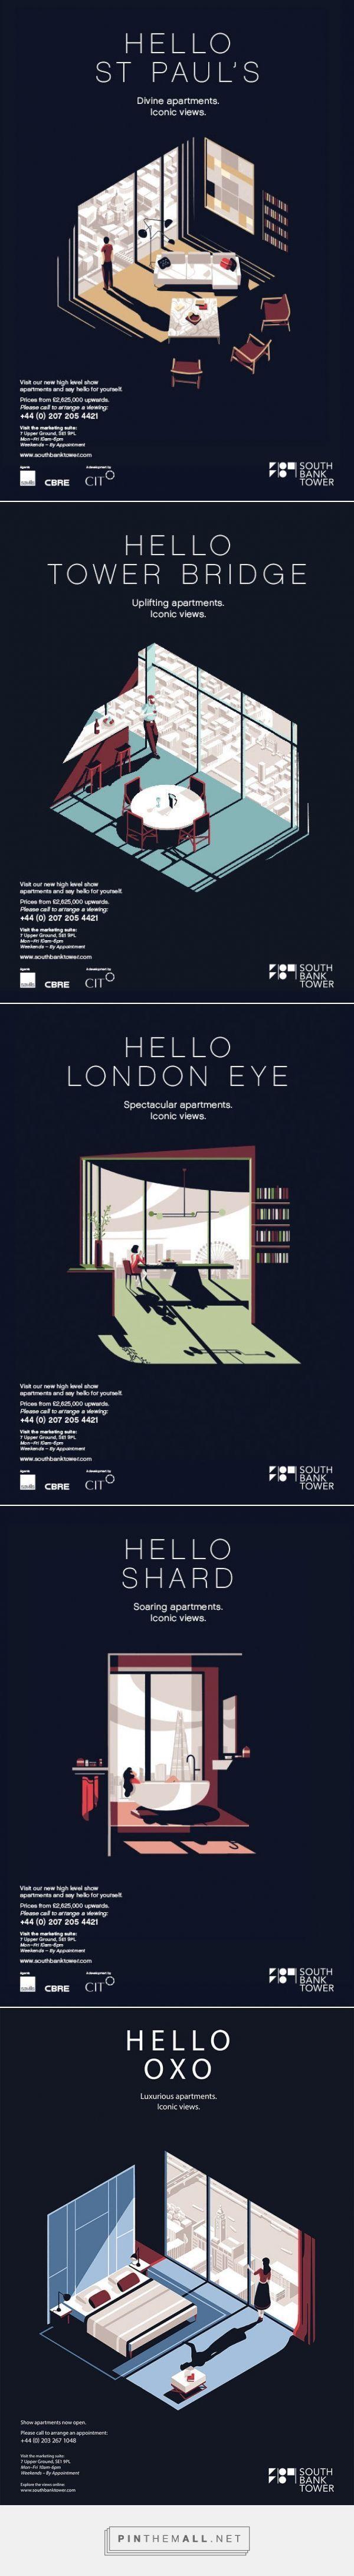 Ik vind de tekst met de afbeelding mooi, want de maker heeft de kamers nagemaakt van die plekken die er boven staan.